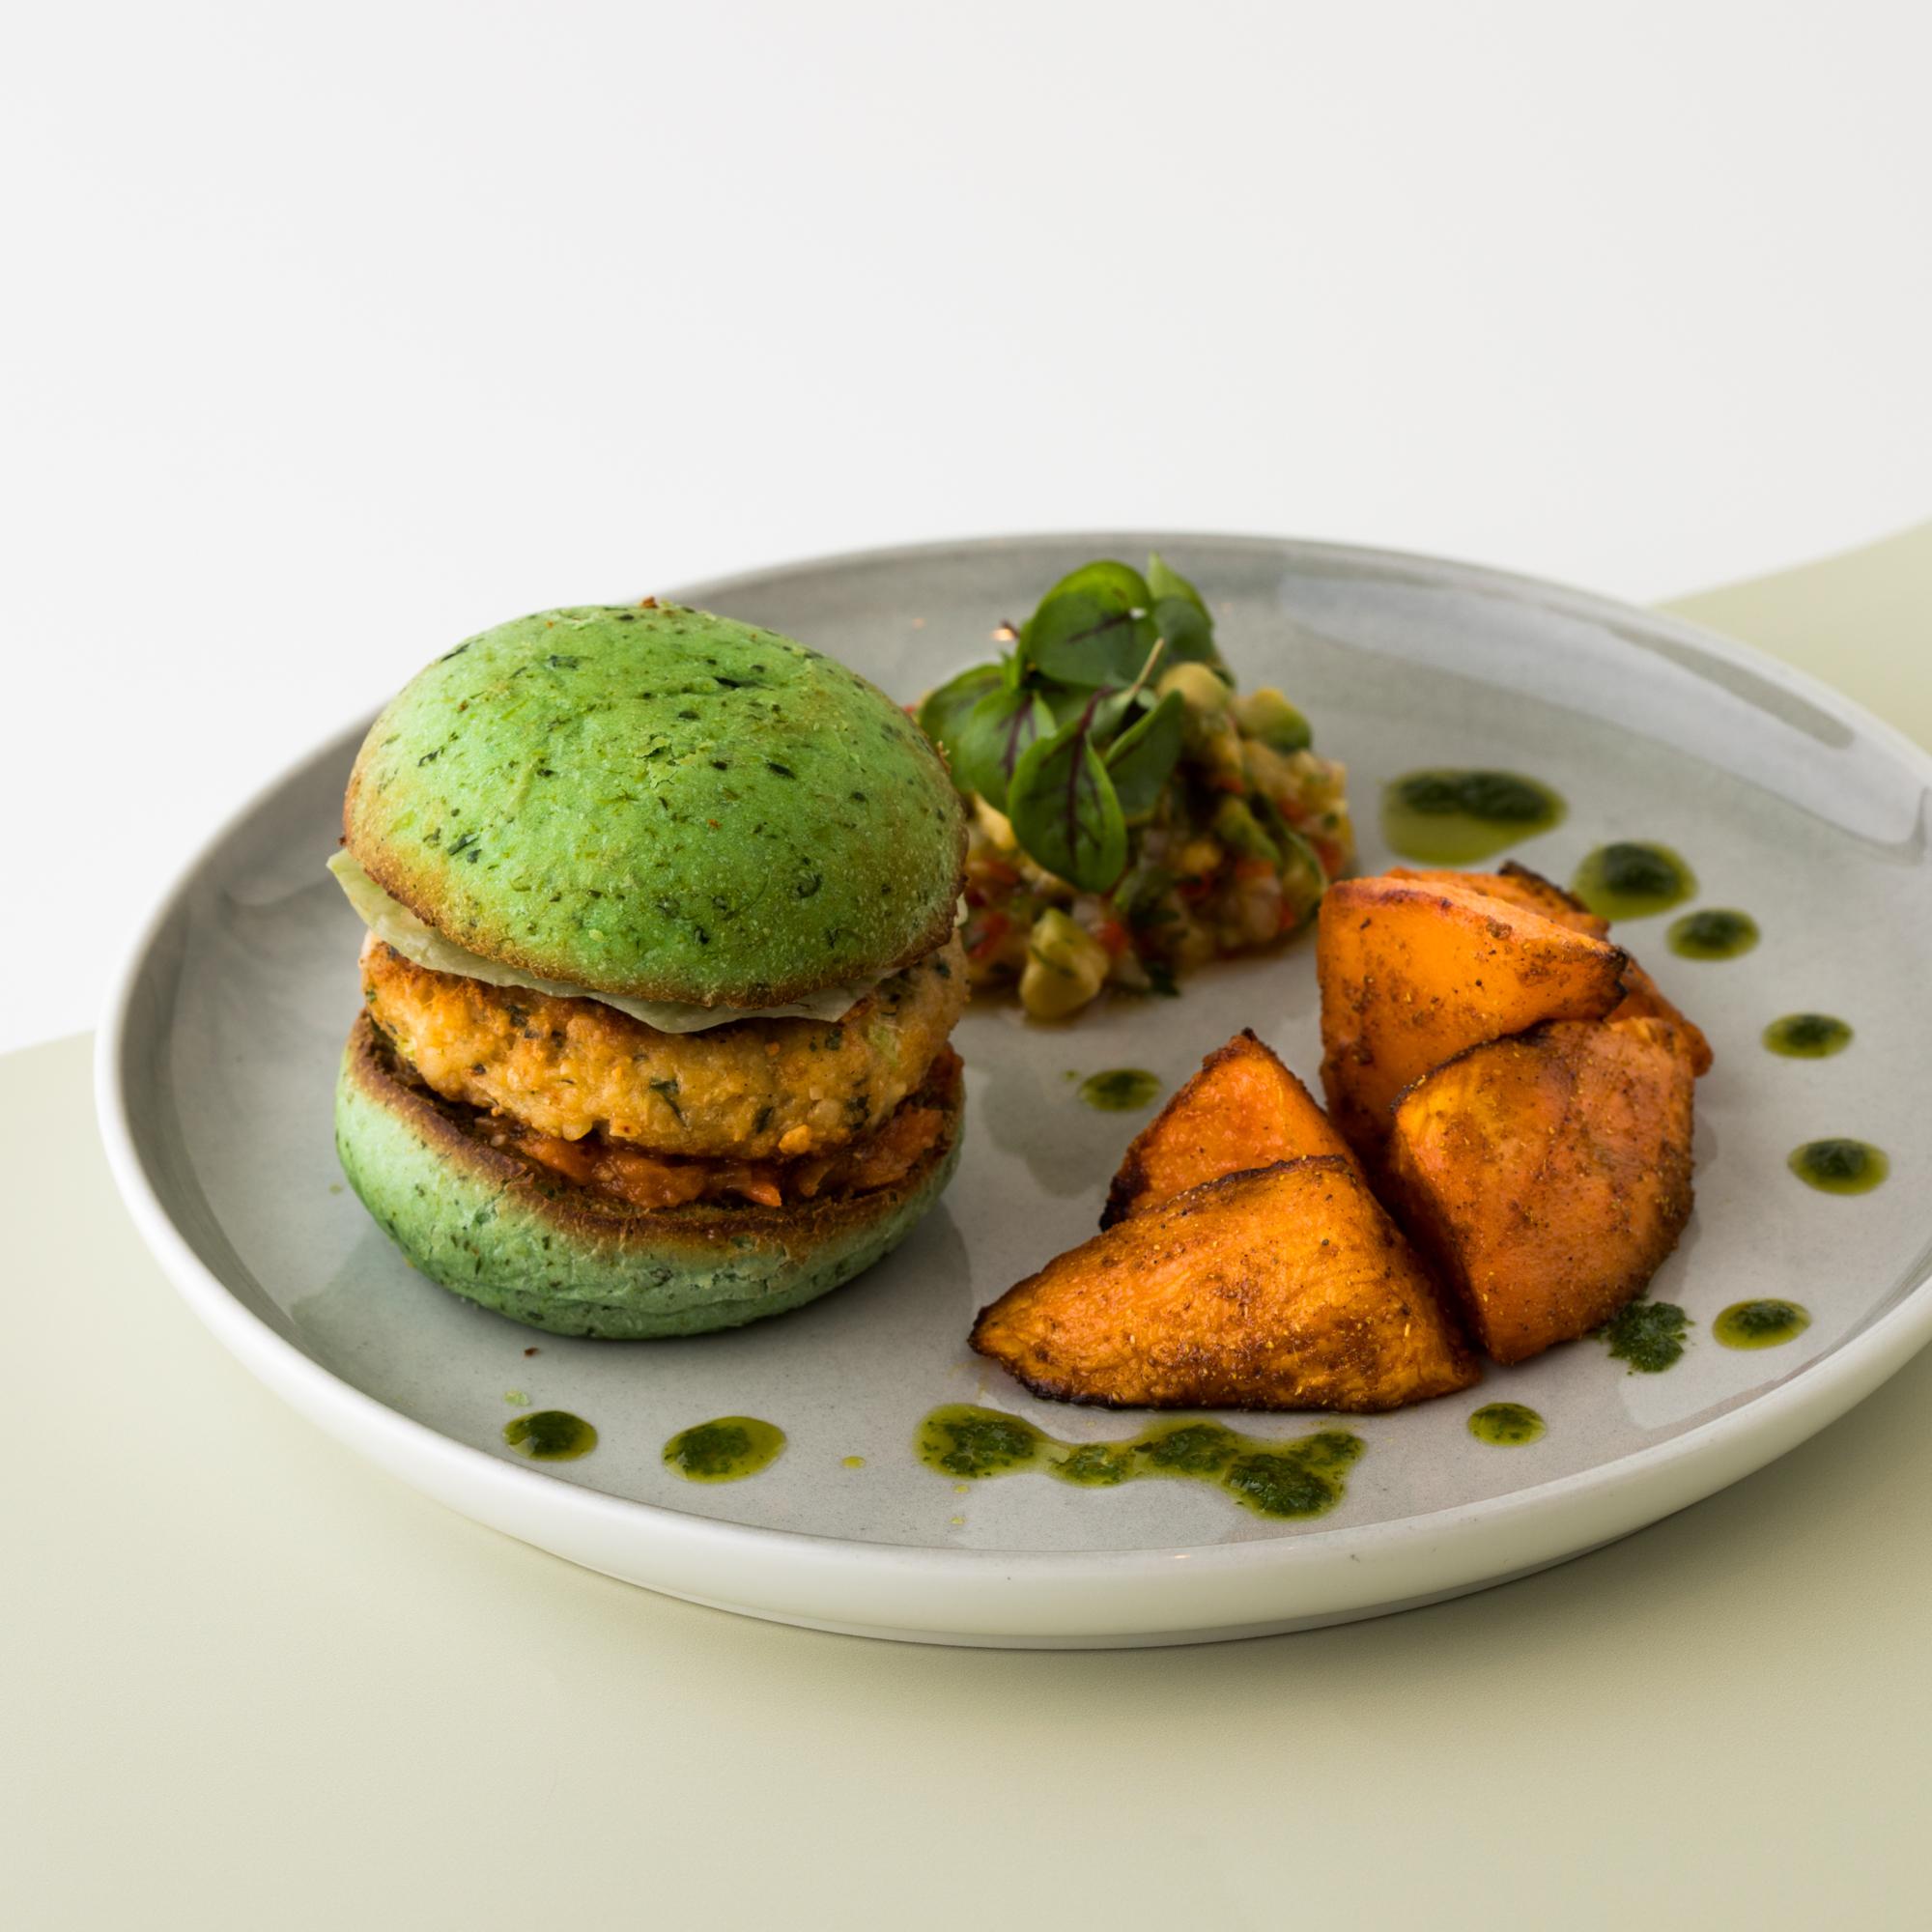 مطعم فلو دبي يقدم قائمة الطعام الجديدة والصحية